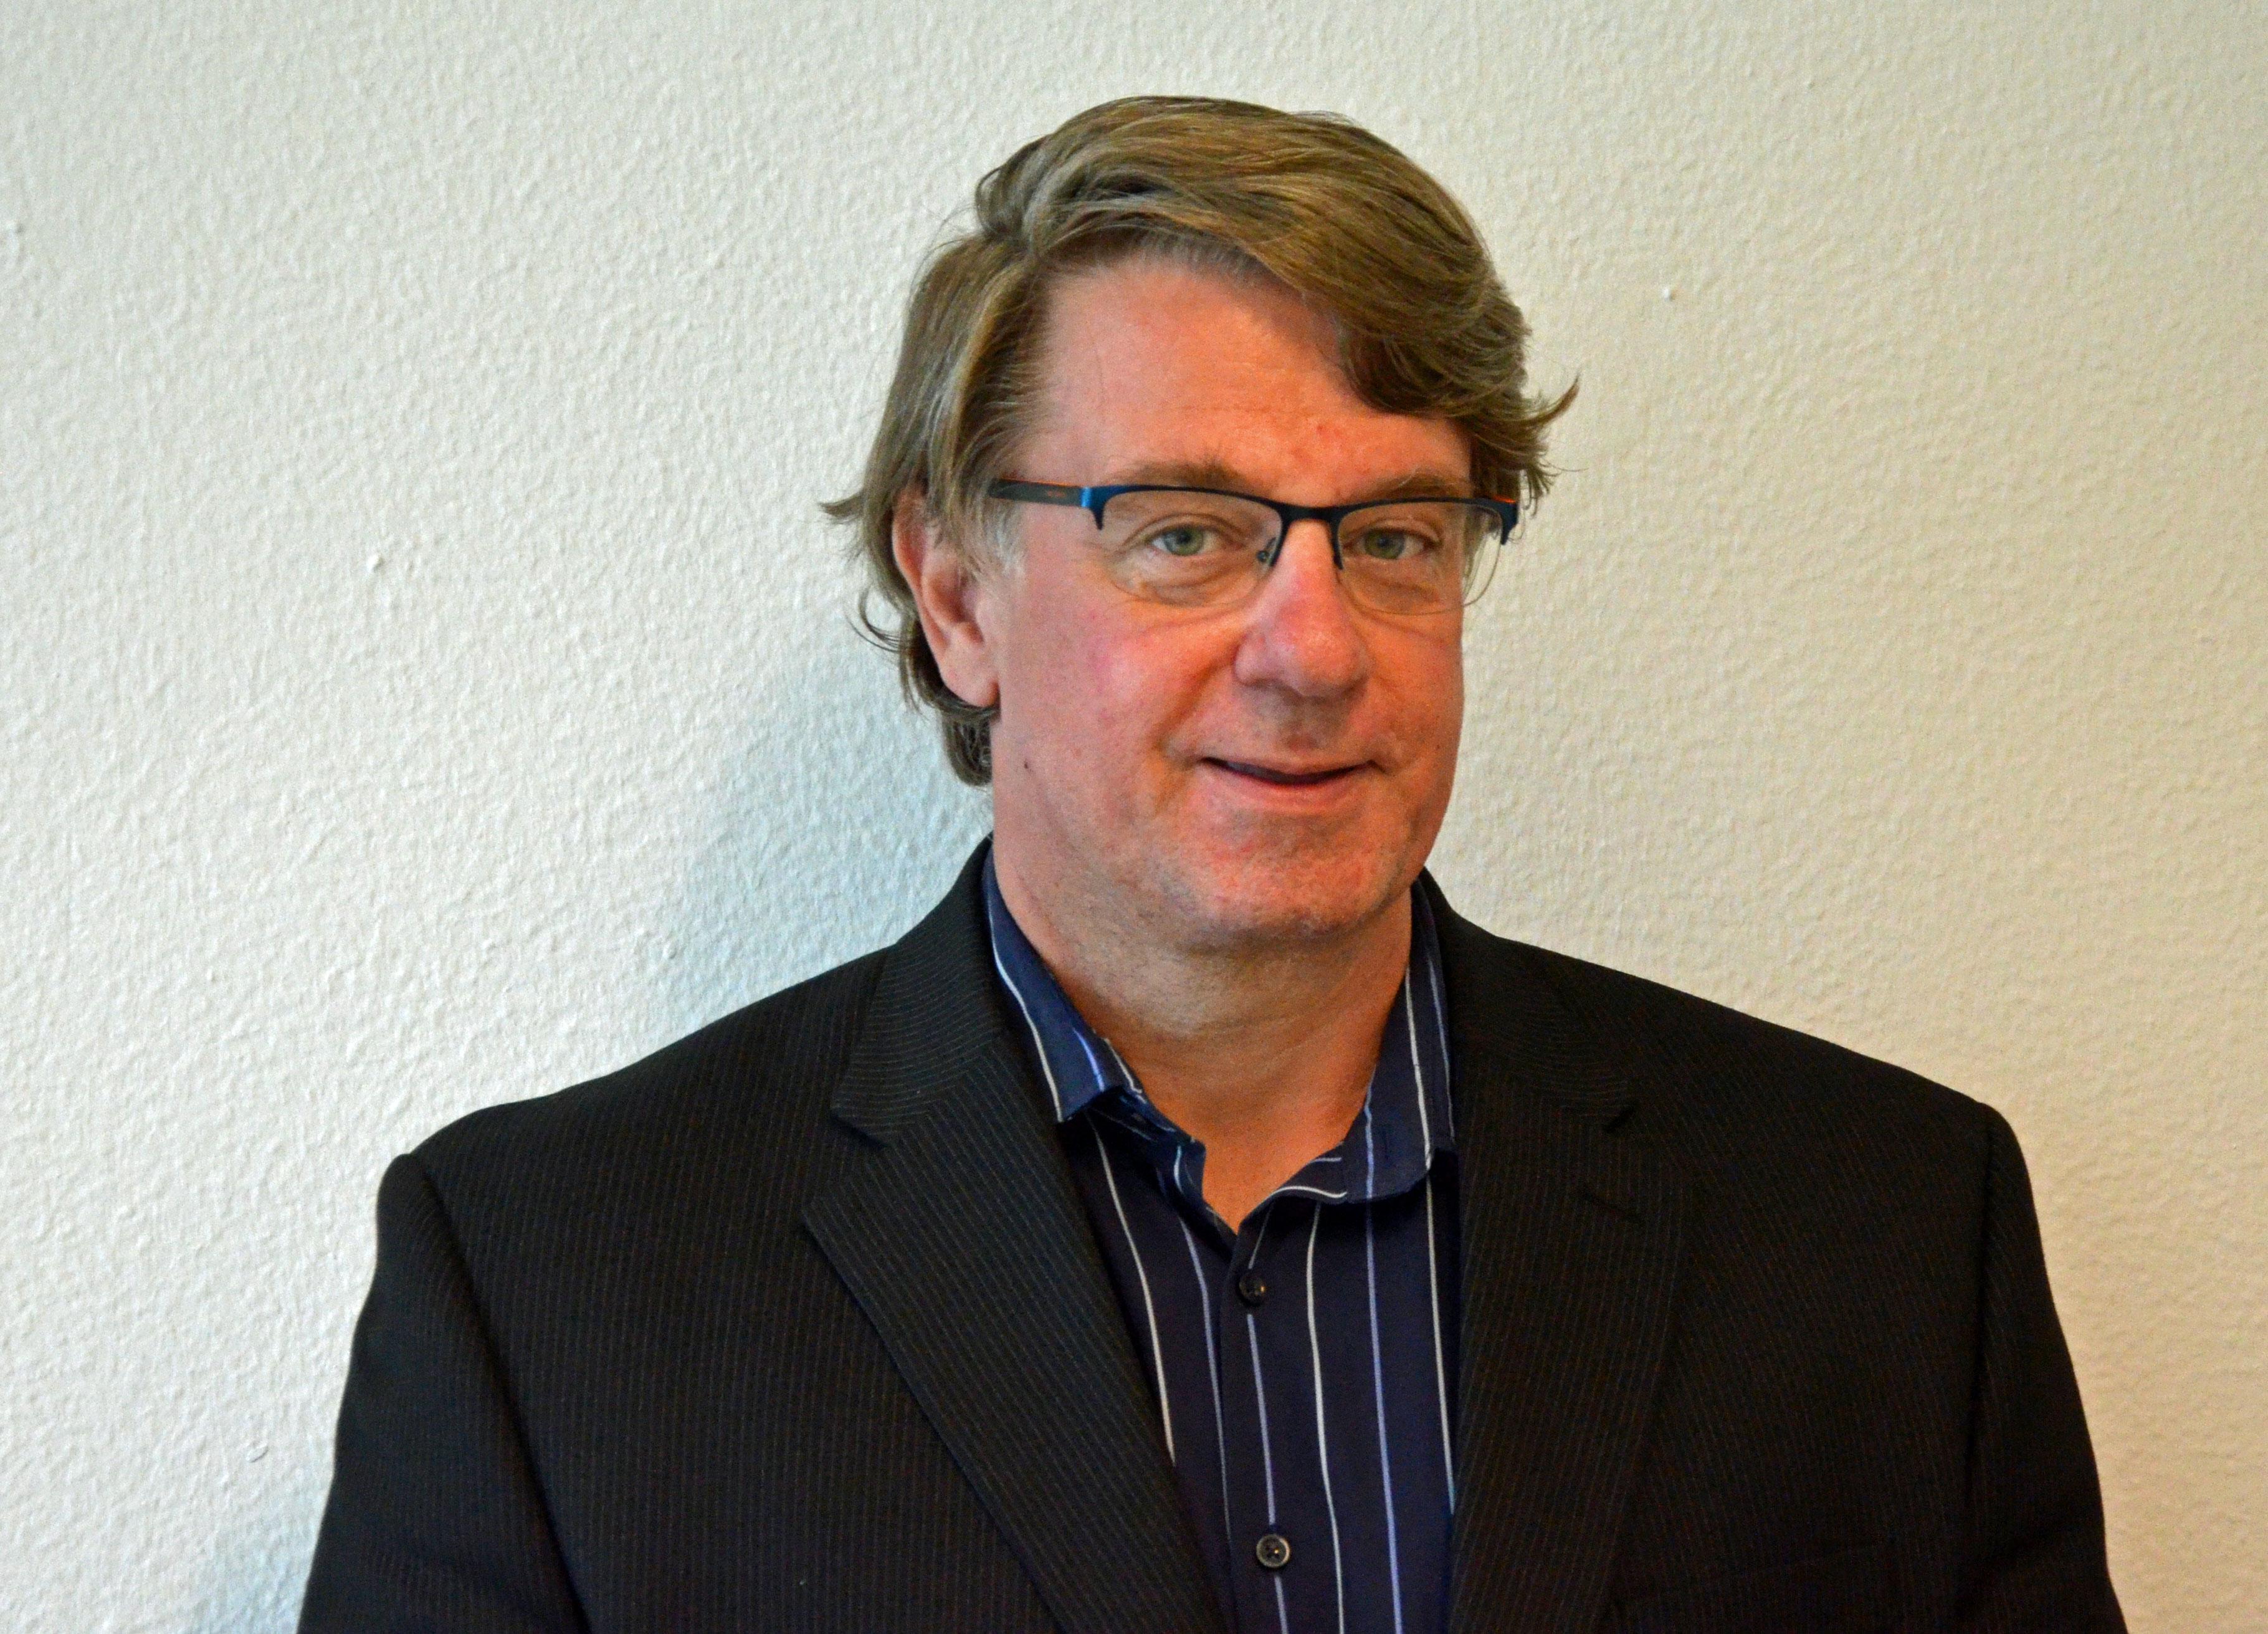 Prof. Dr. Klaus Thunig ist Studiengangskoordinator des neuen Studiengangs Betriebswirtschaftslehre, der zum Wintersemester an der Fachhochschule Südwestfalen in Hagen startet.